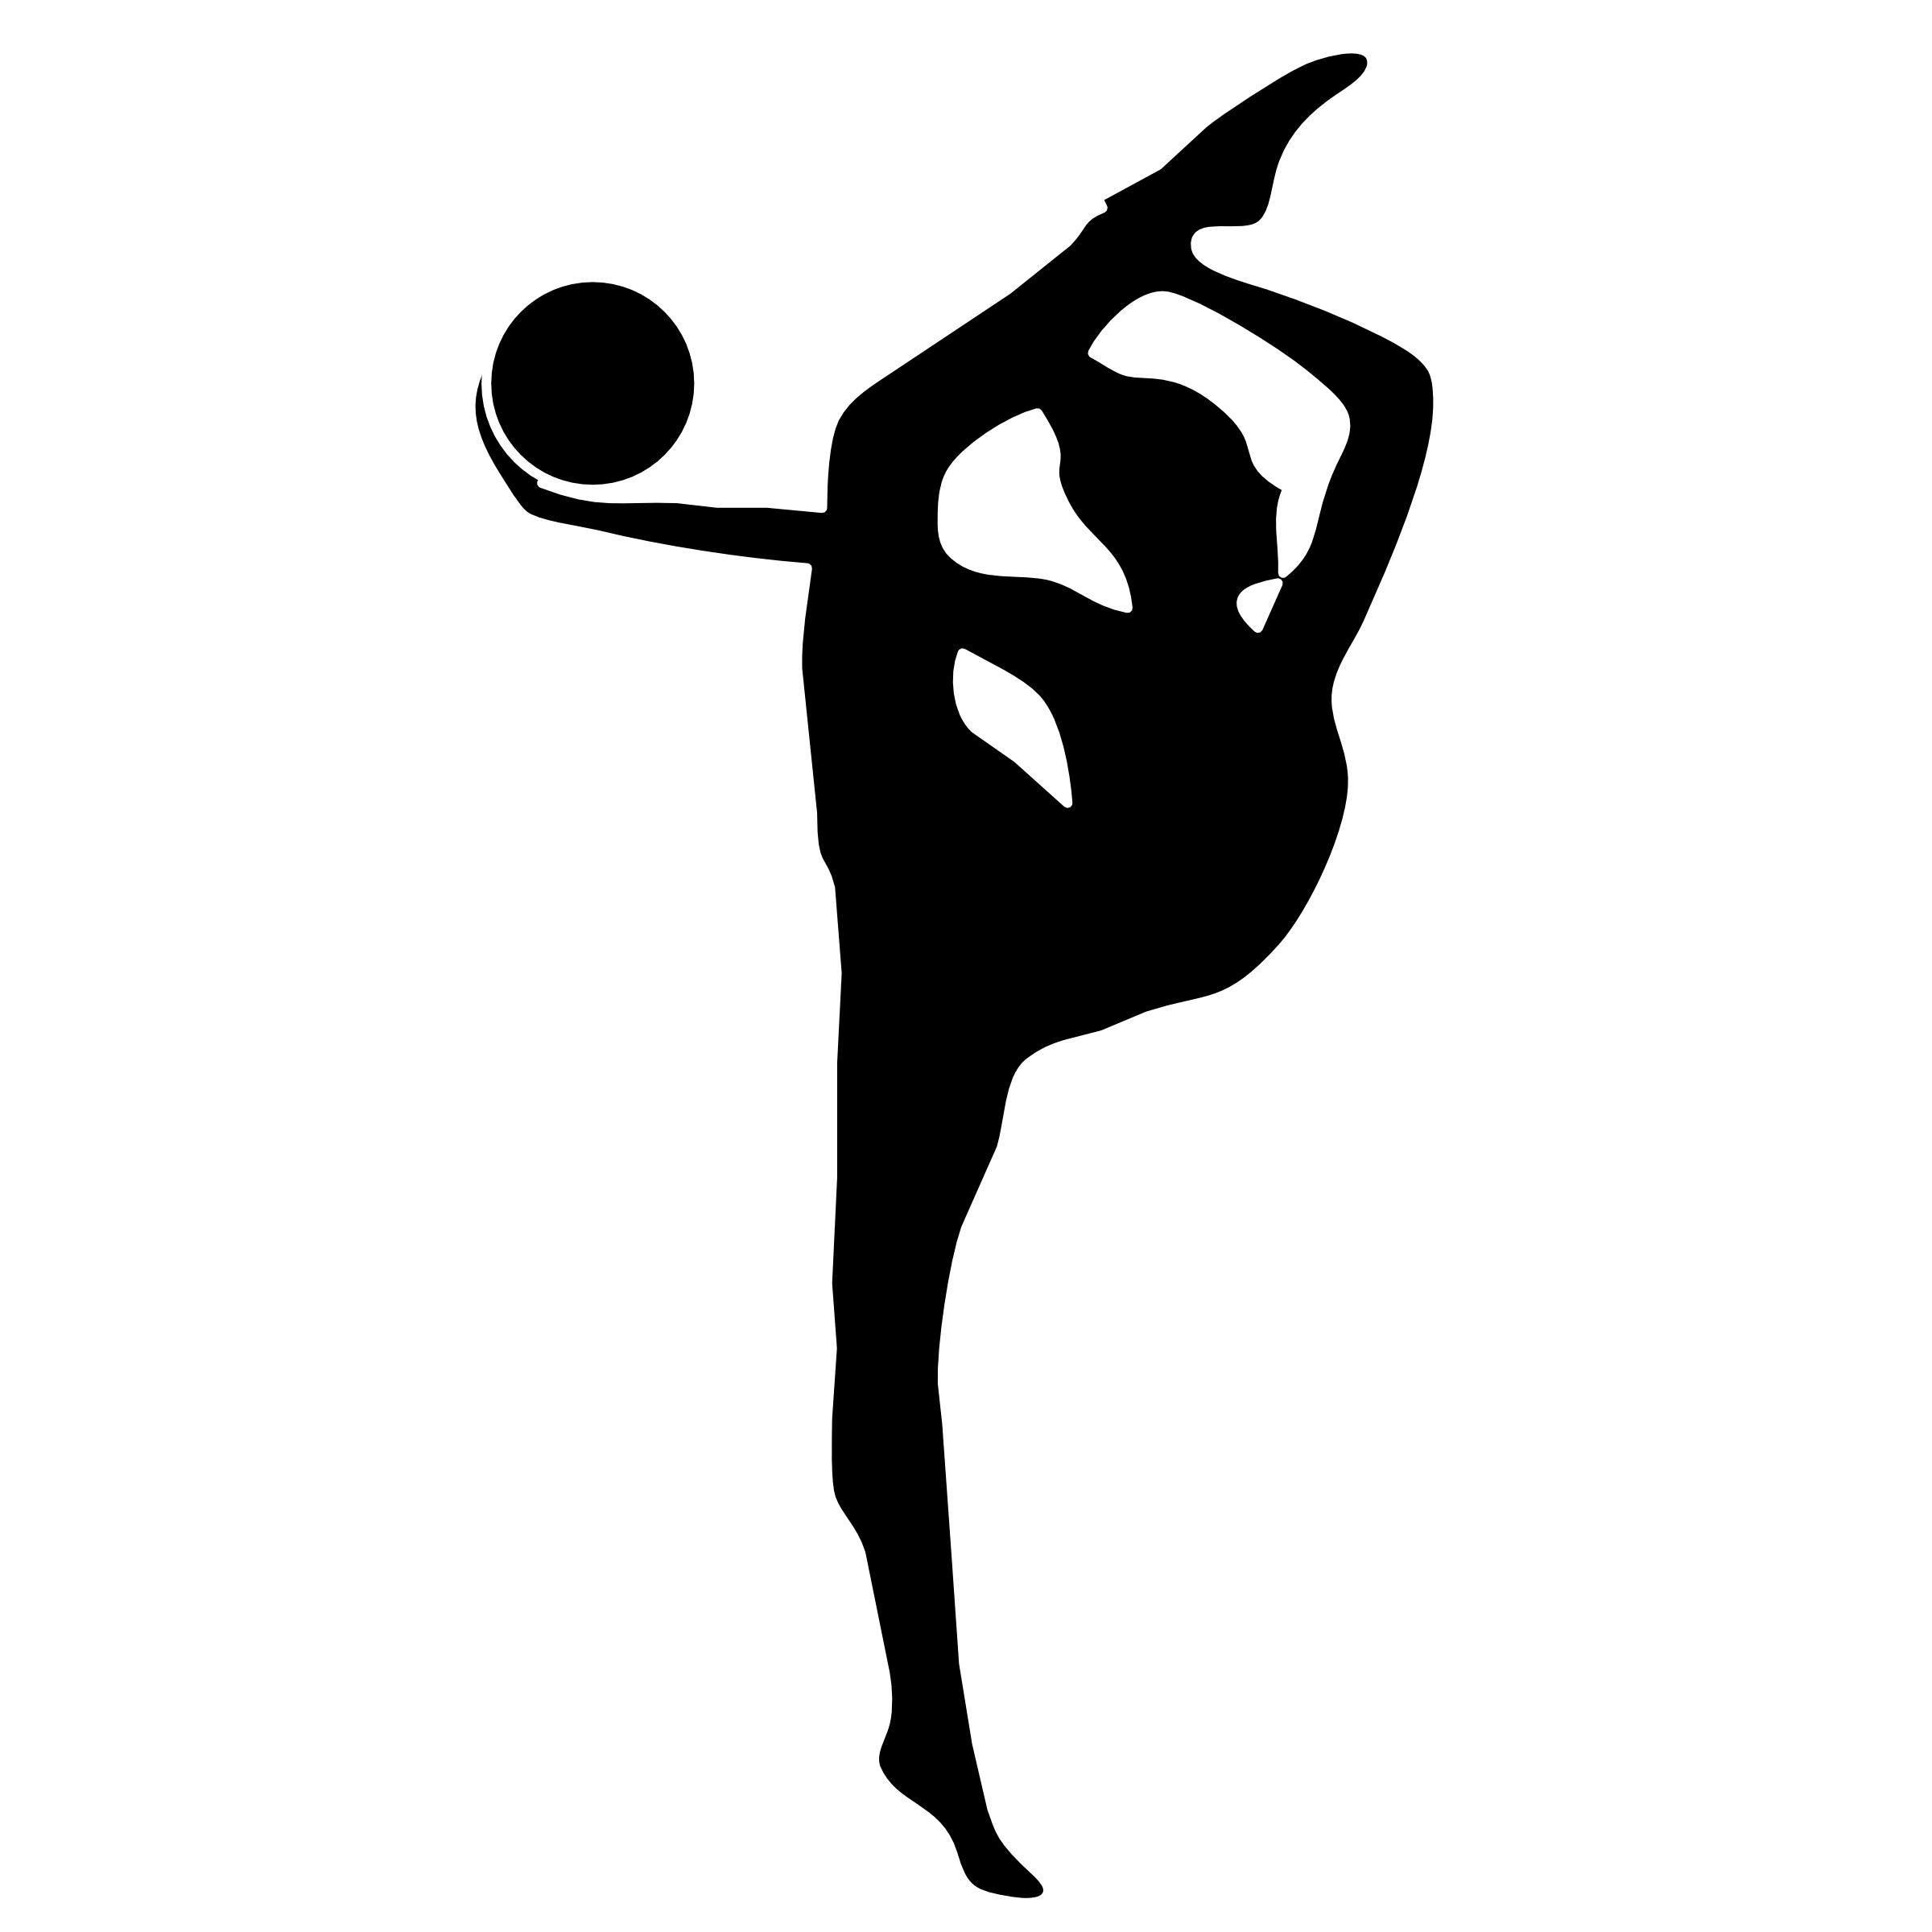 Club clipart rhythmic gymnastics Gymnastics%20clipart%20silhouette%20vault Clipart  Silhouette Gymnastics